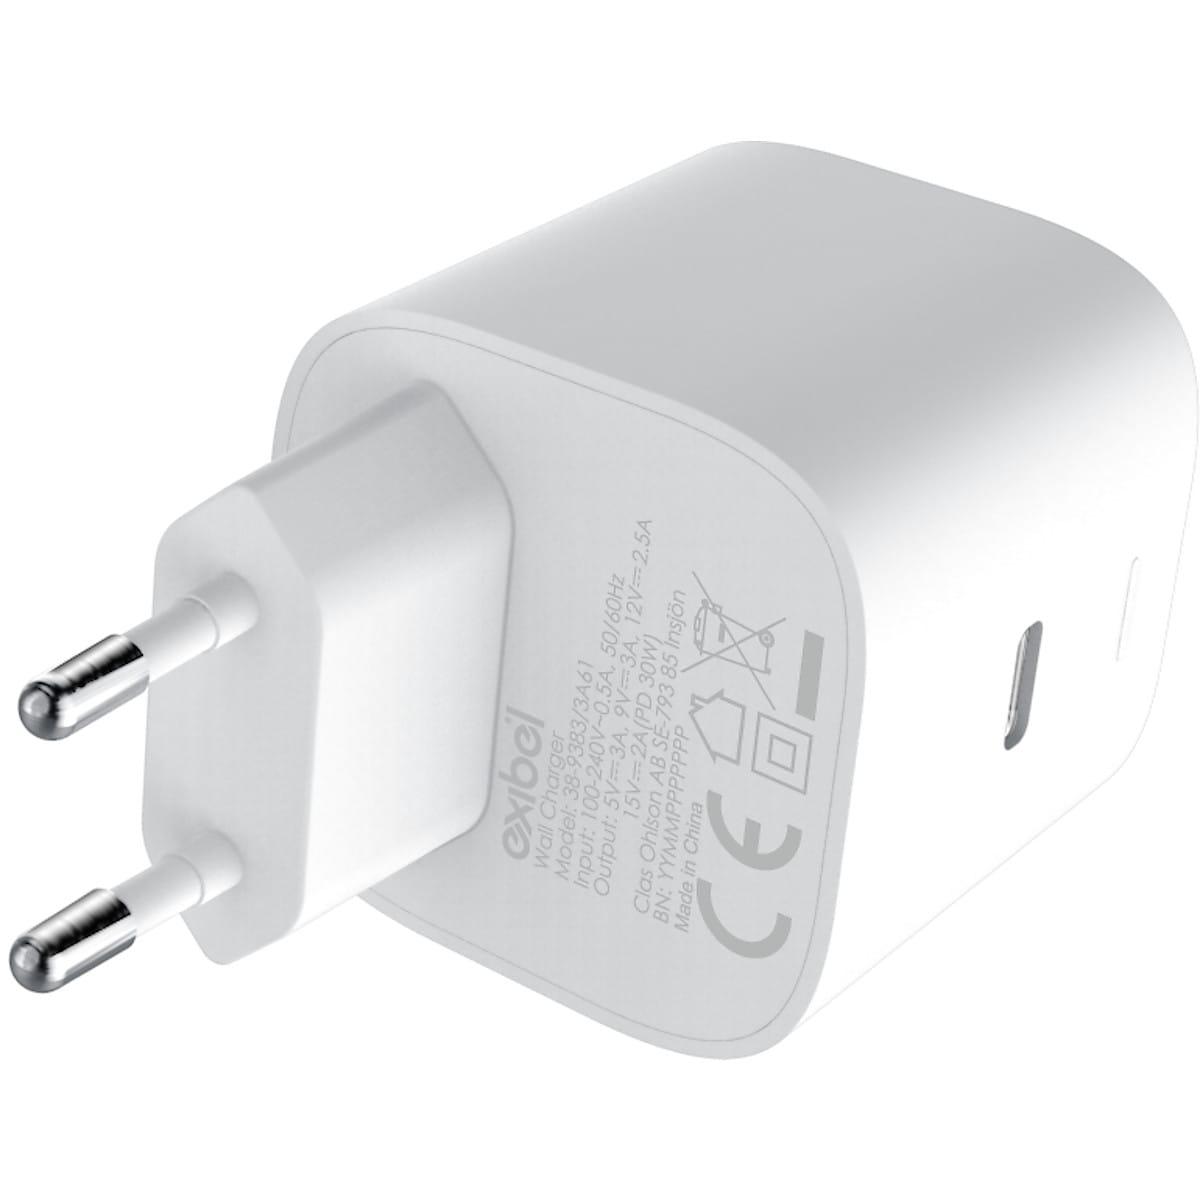 12 V USB laddare Micro USB, Exibel EXIBEL Shoppa idag